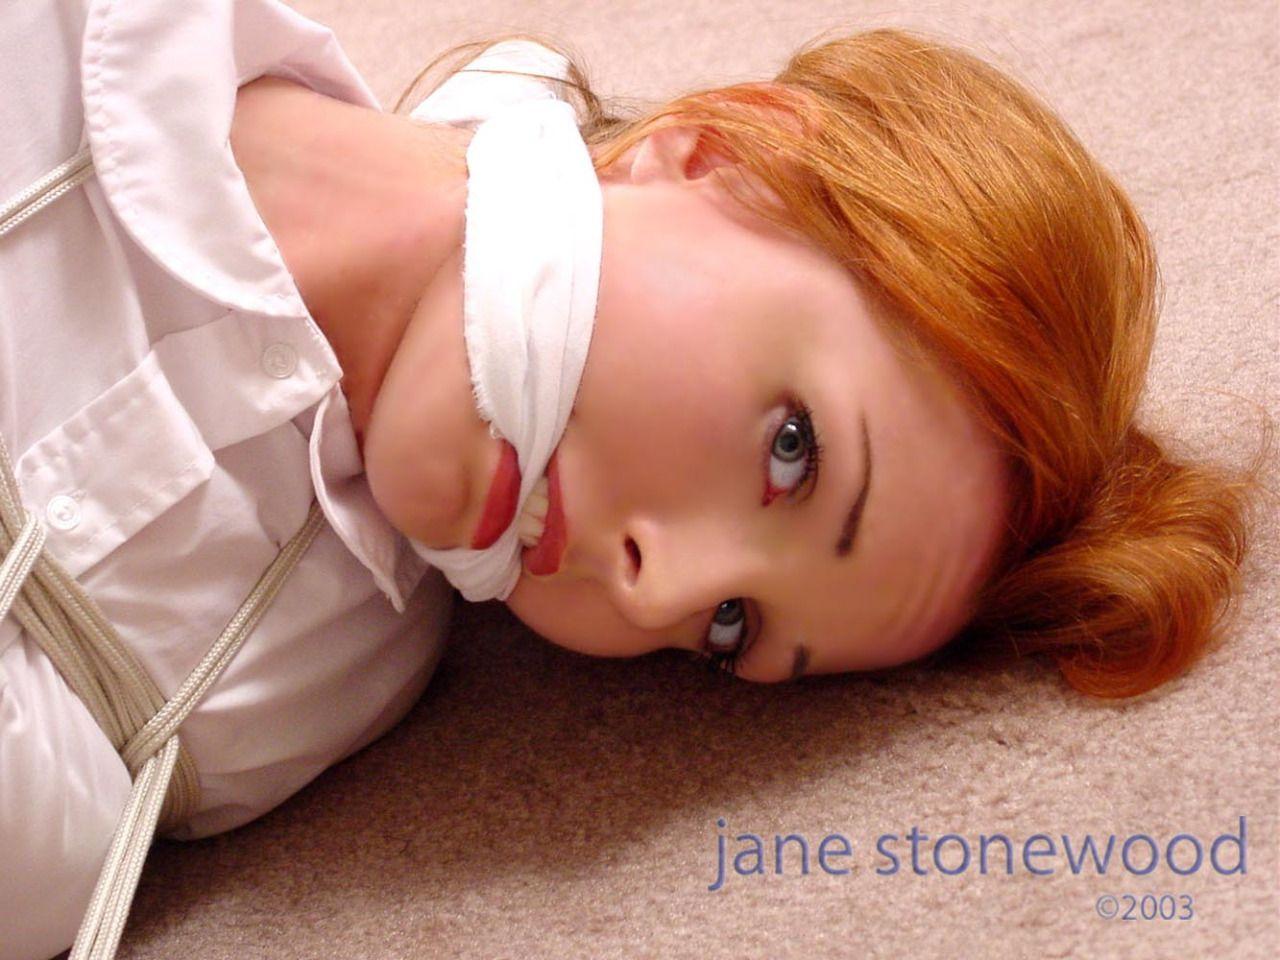 """jane stonewood  bondage nowheretohide14: """"Jane Stonewood -Schoolgirl """""""